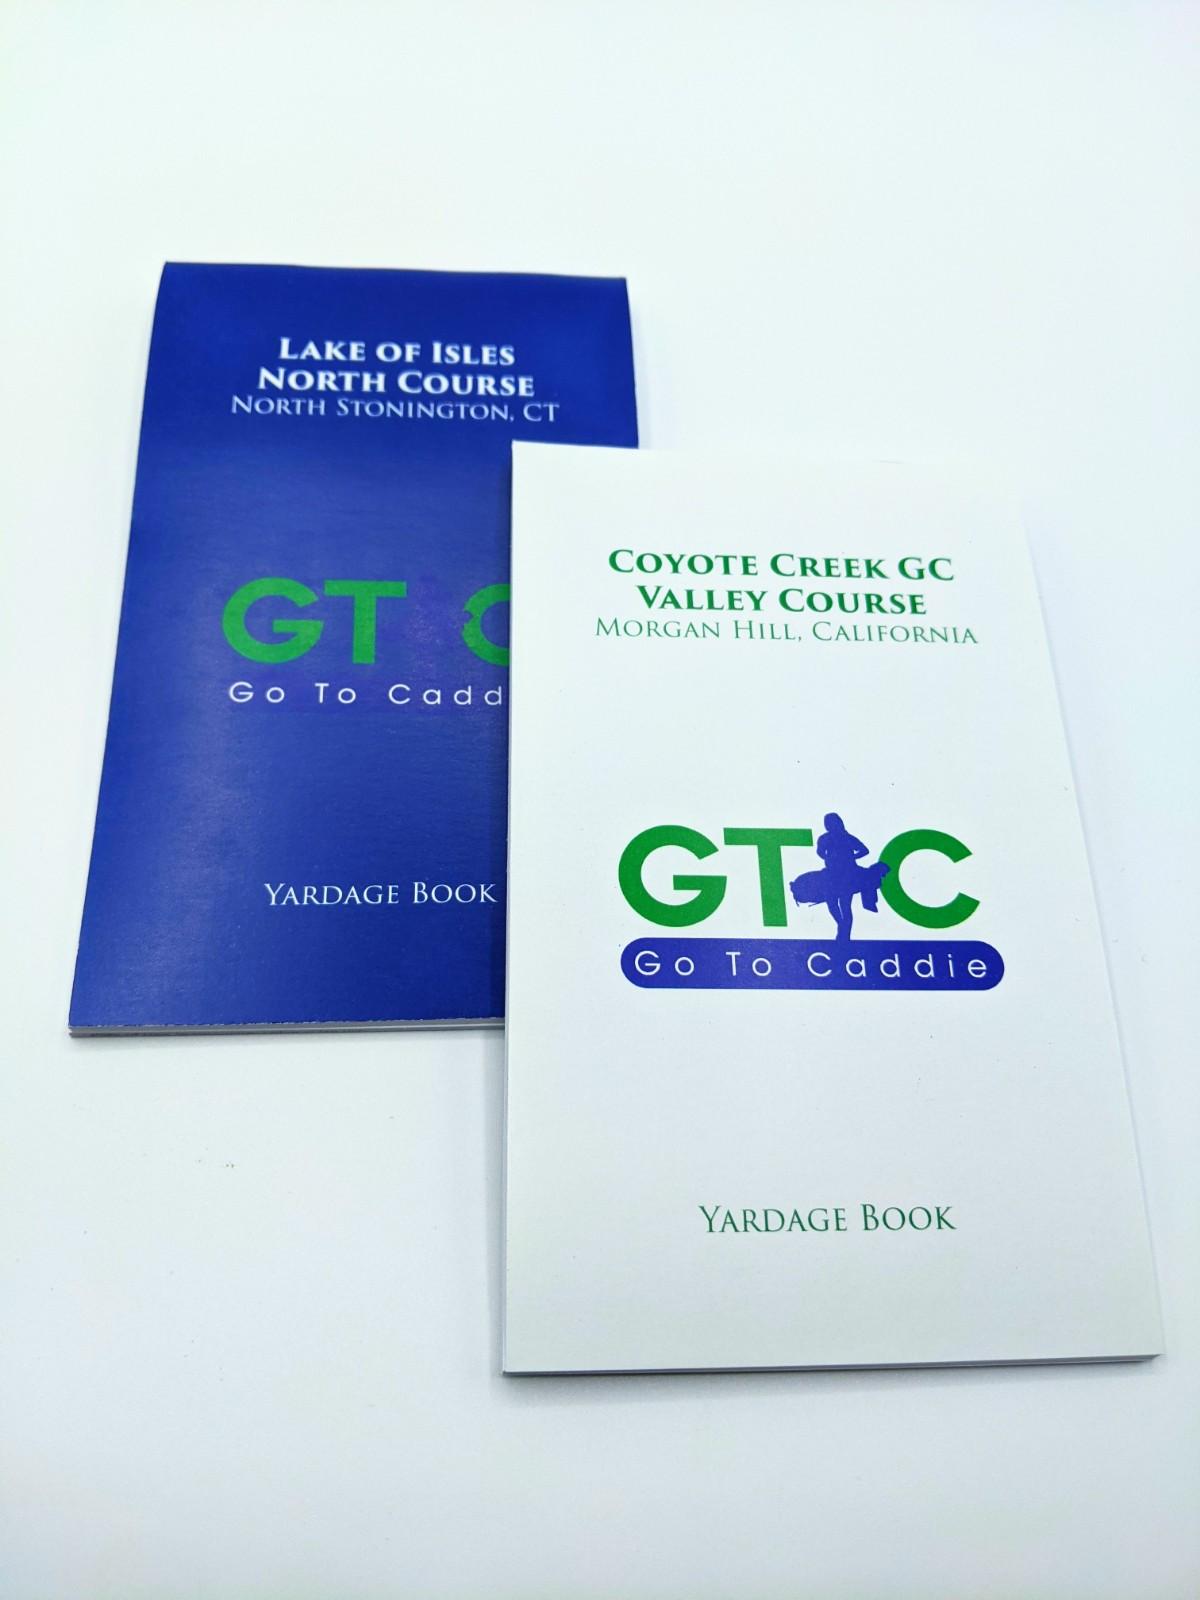 Tournament Yardage Books